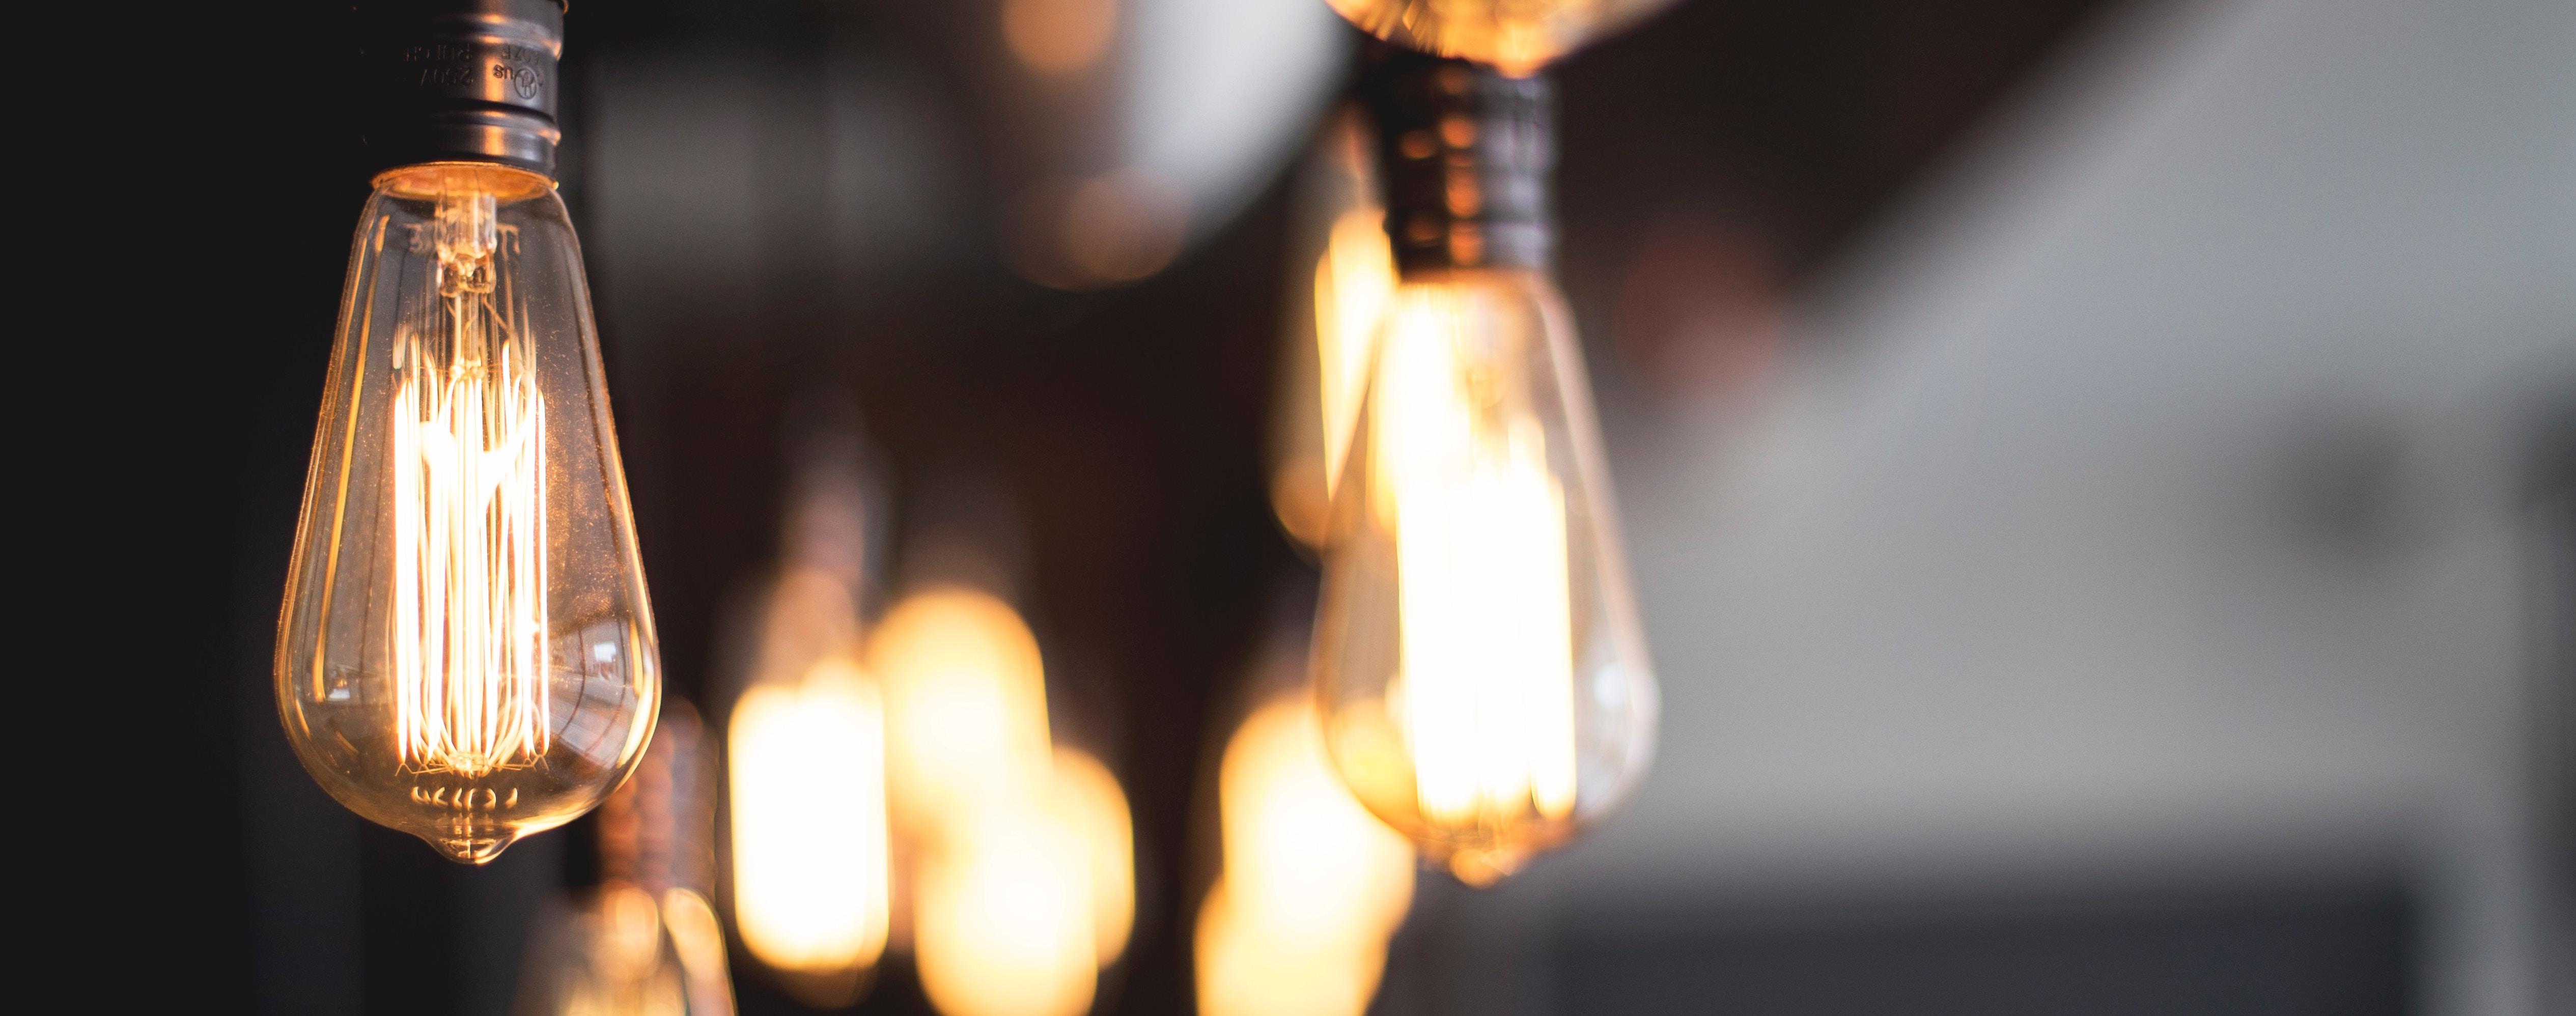 lightbulb_cropped